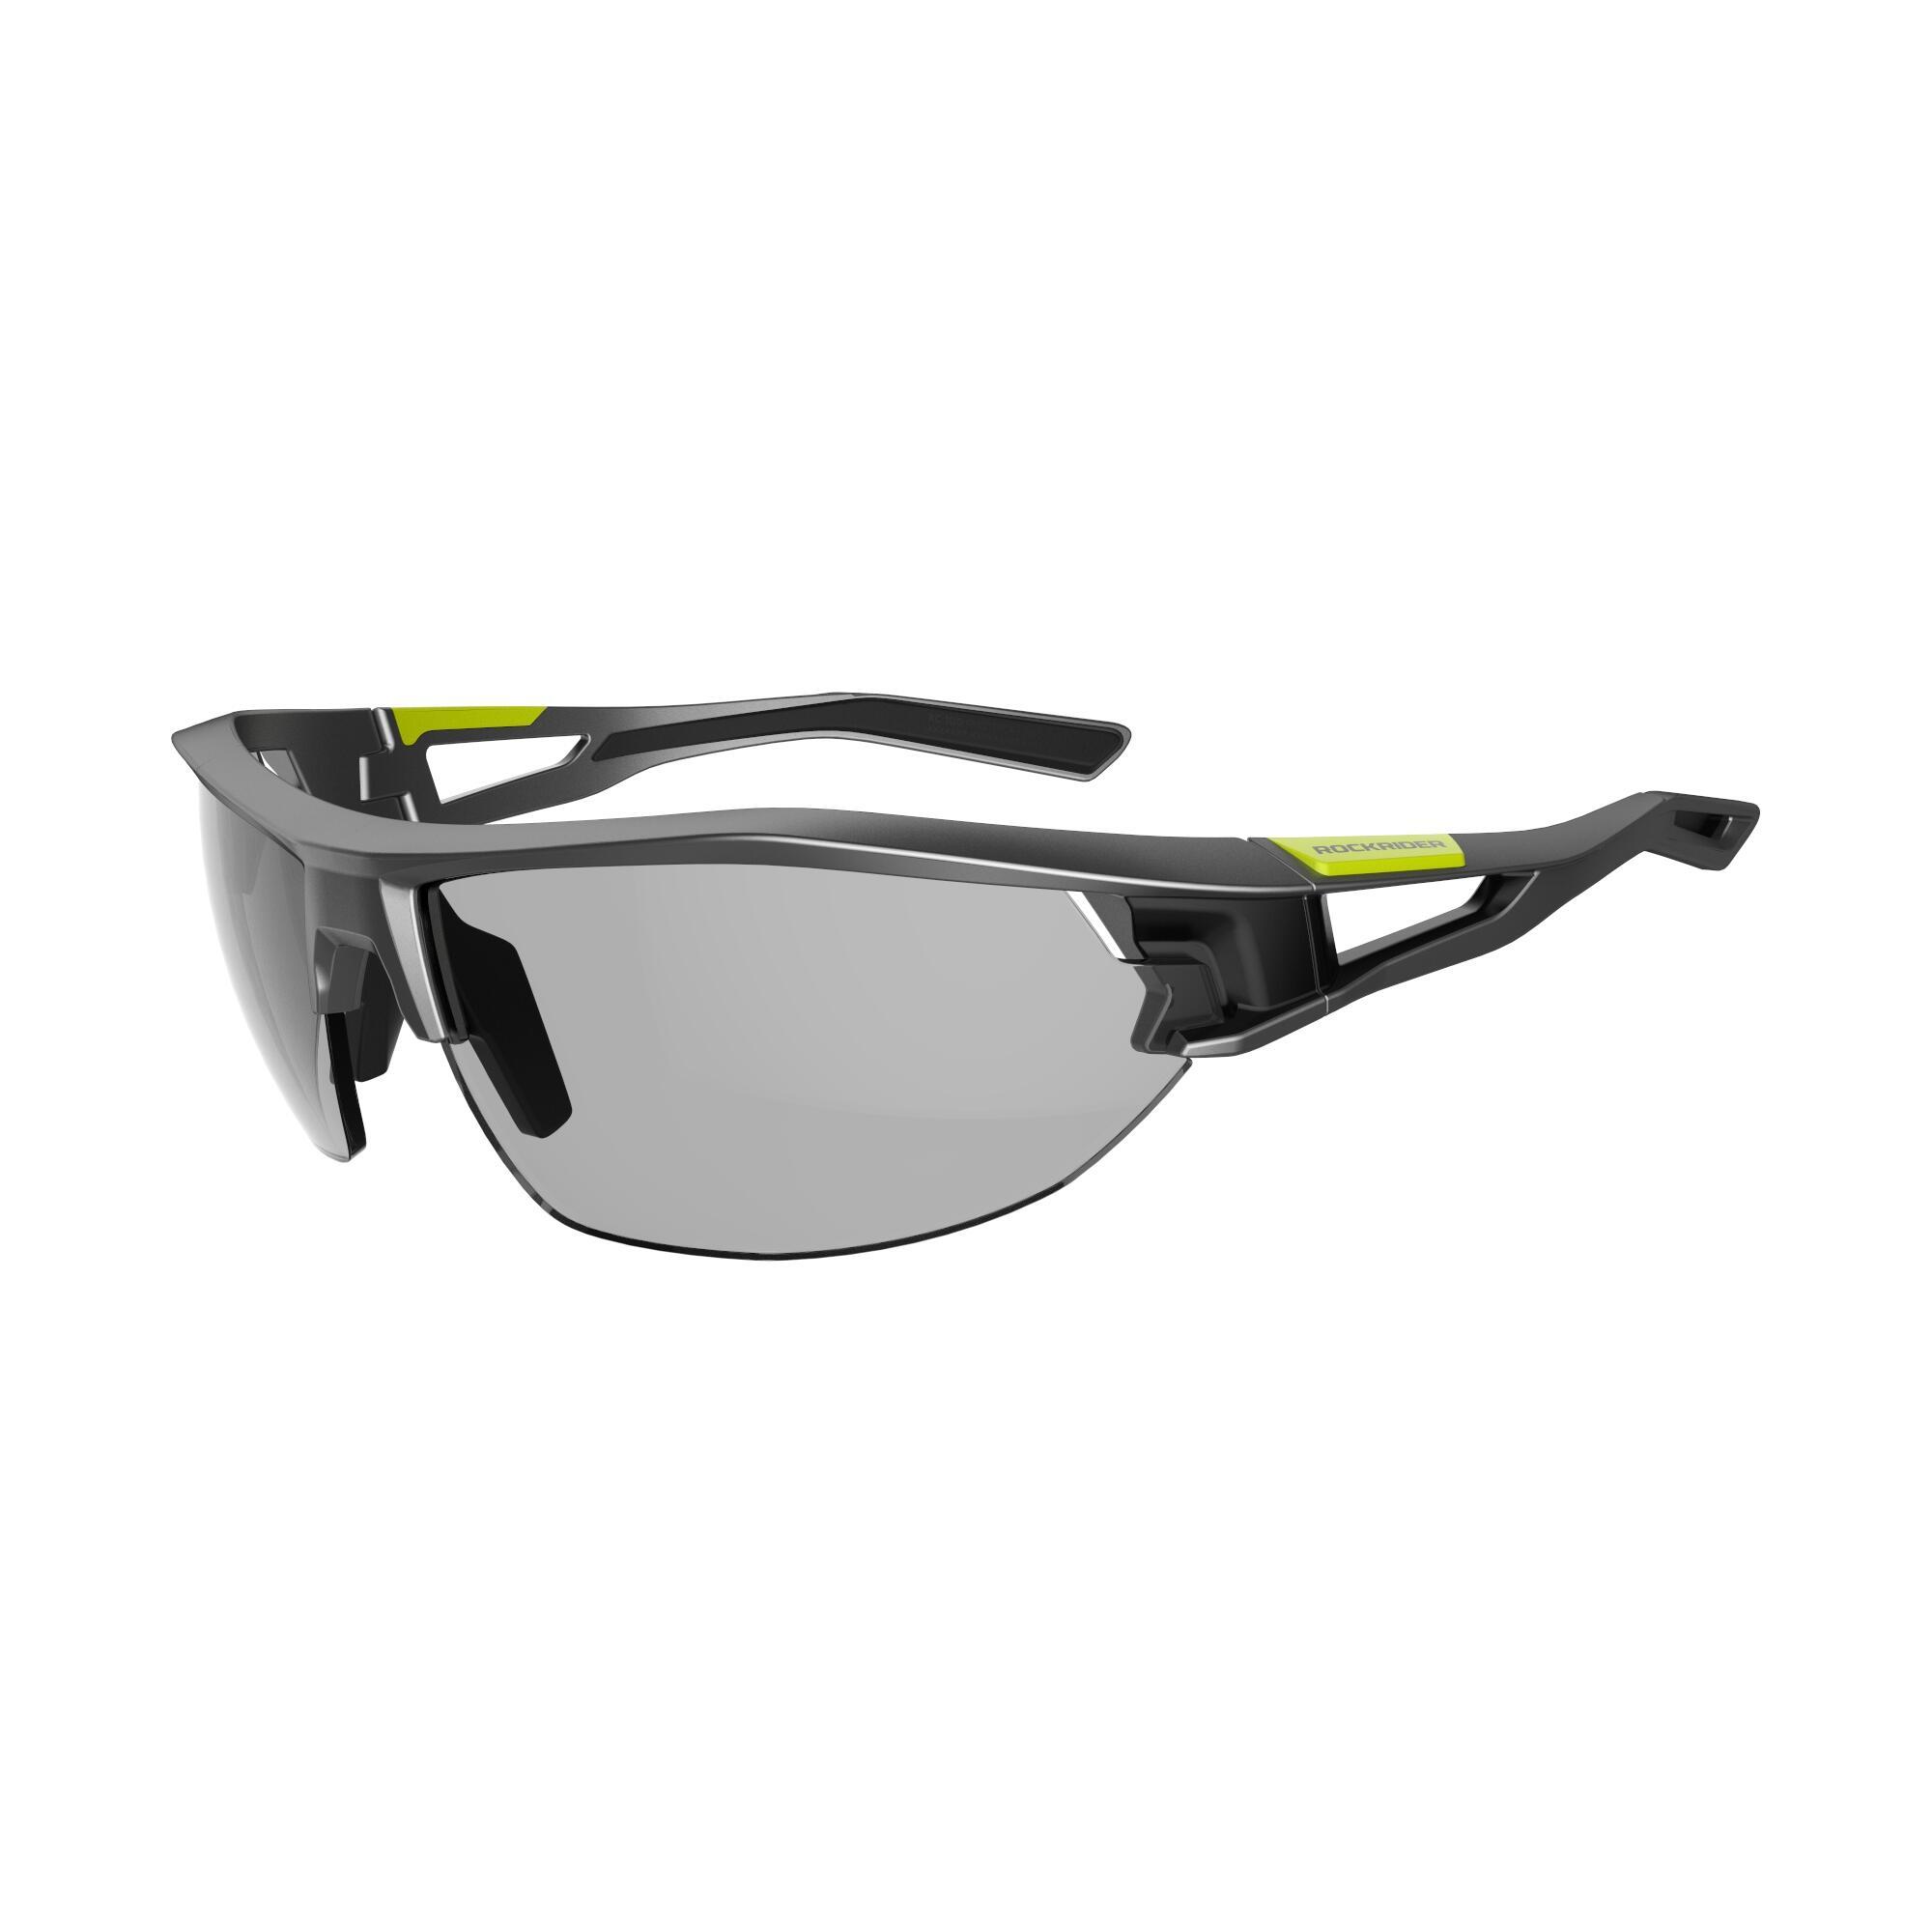 68154993f2 Gafas de Sol Ciclismo MTB XC 120 Fotocromáticas gris negro categoría 1 a 3  Rockrider | Decathlon